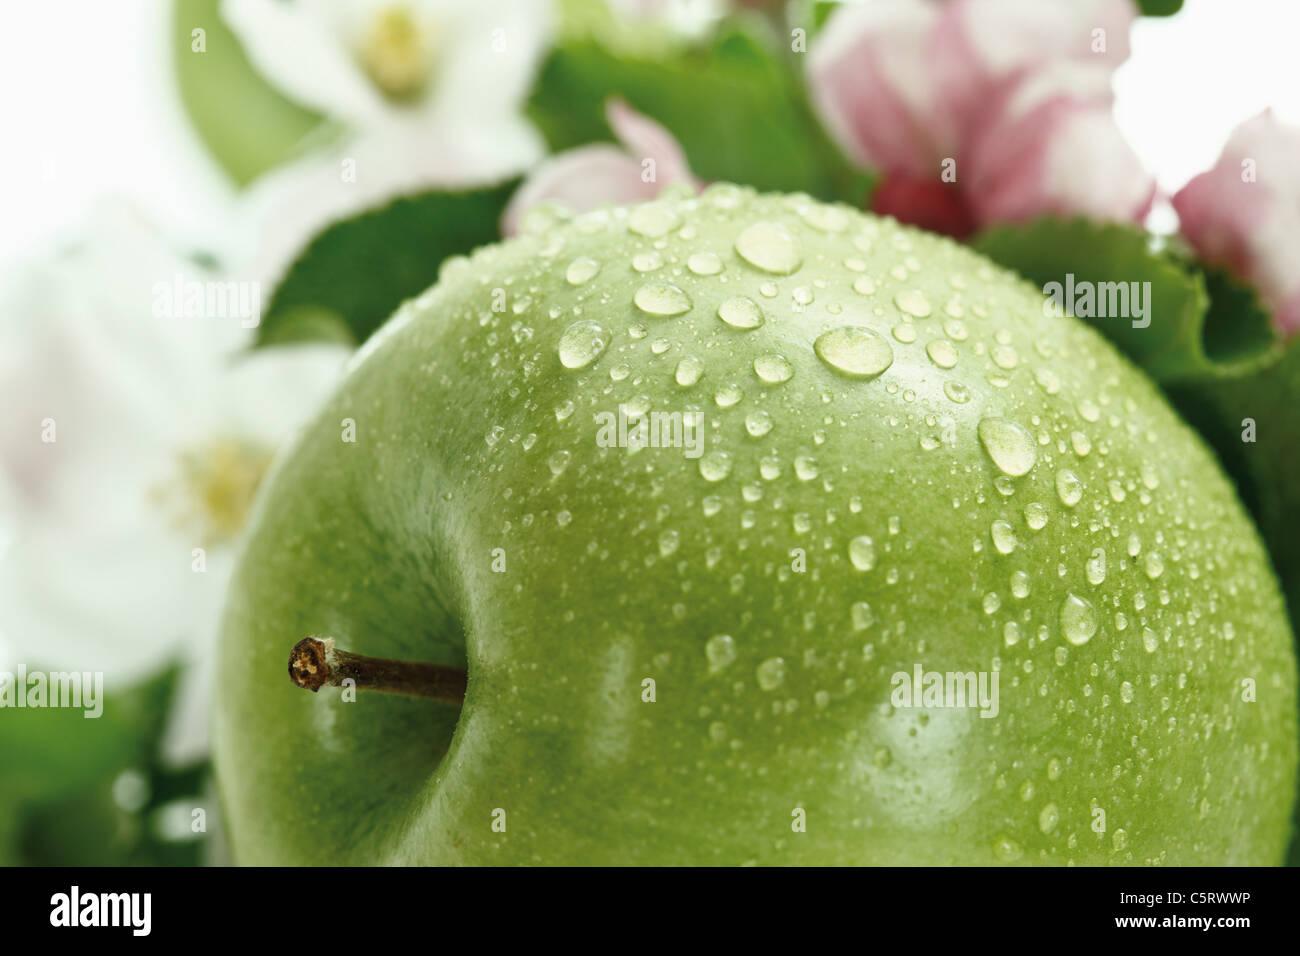 La pomme verte avec des gouttelettes d'eau en arrière-plan, Apple Blossom, close-up Photo Stock